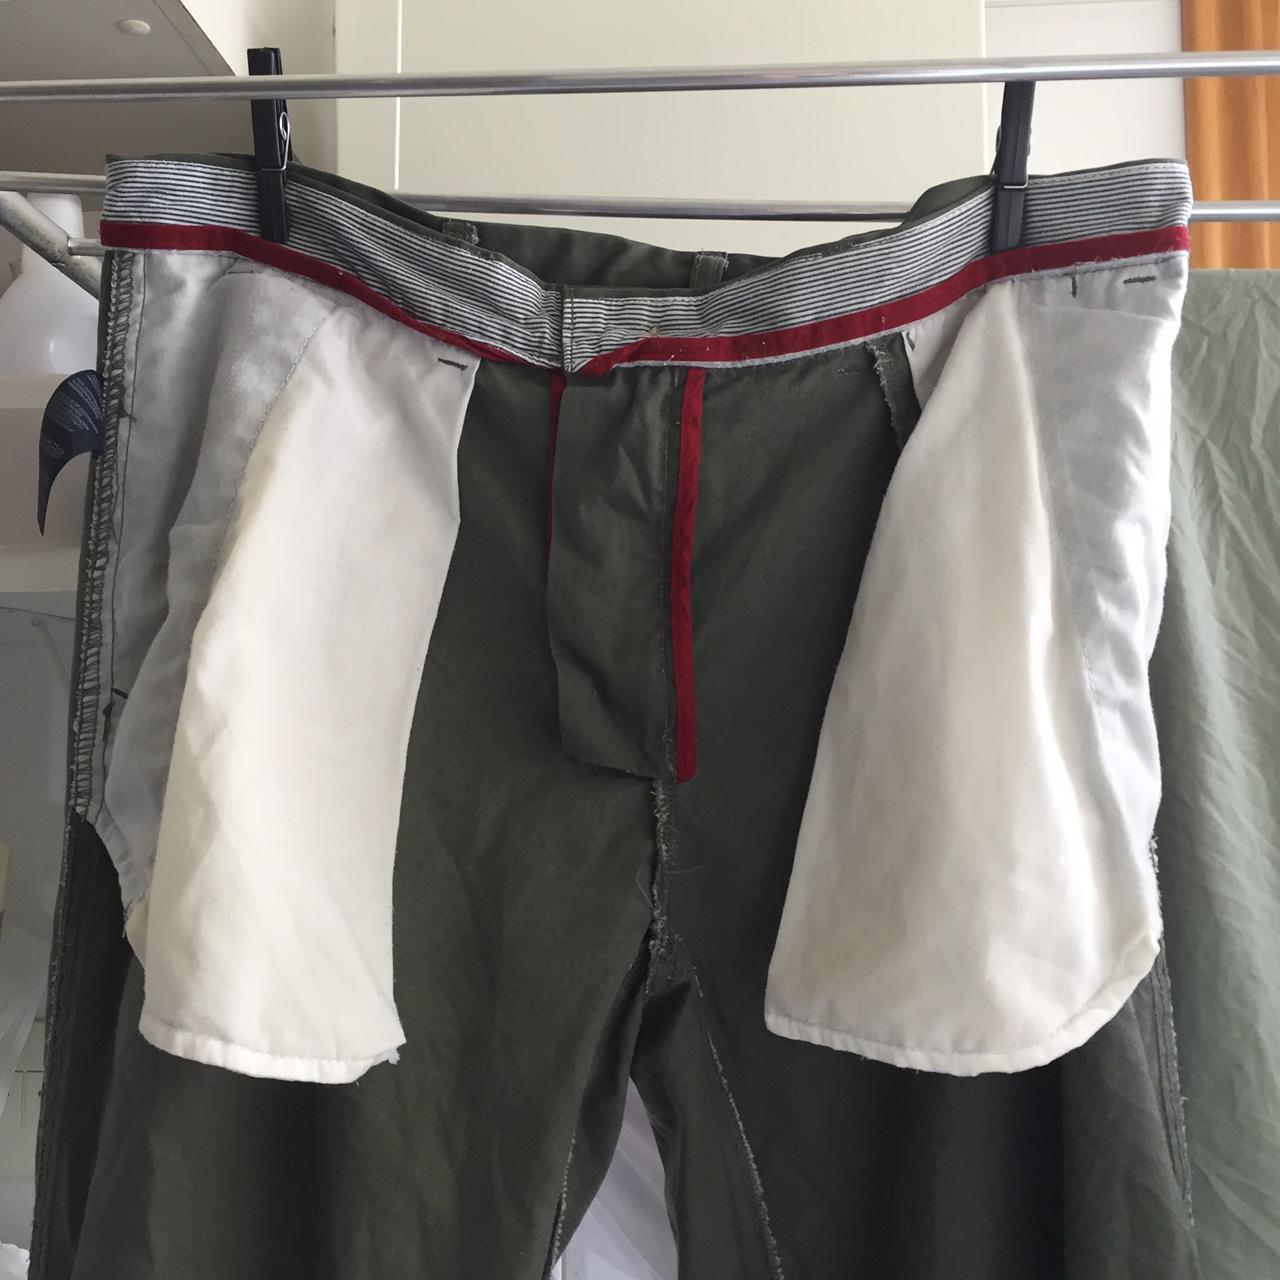 Calça pendurada para secar pelo avesso.